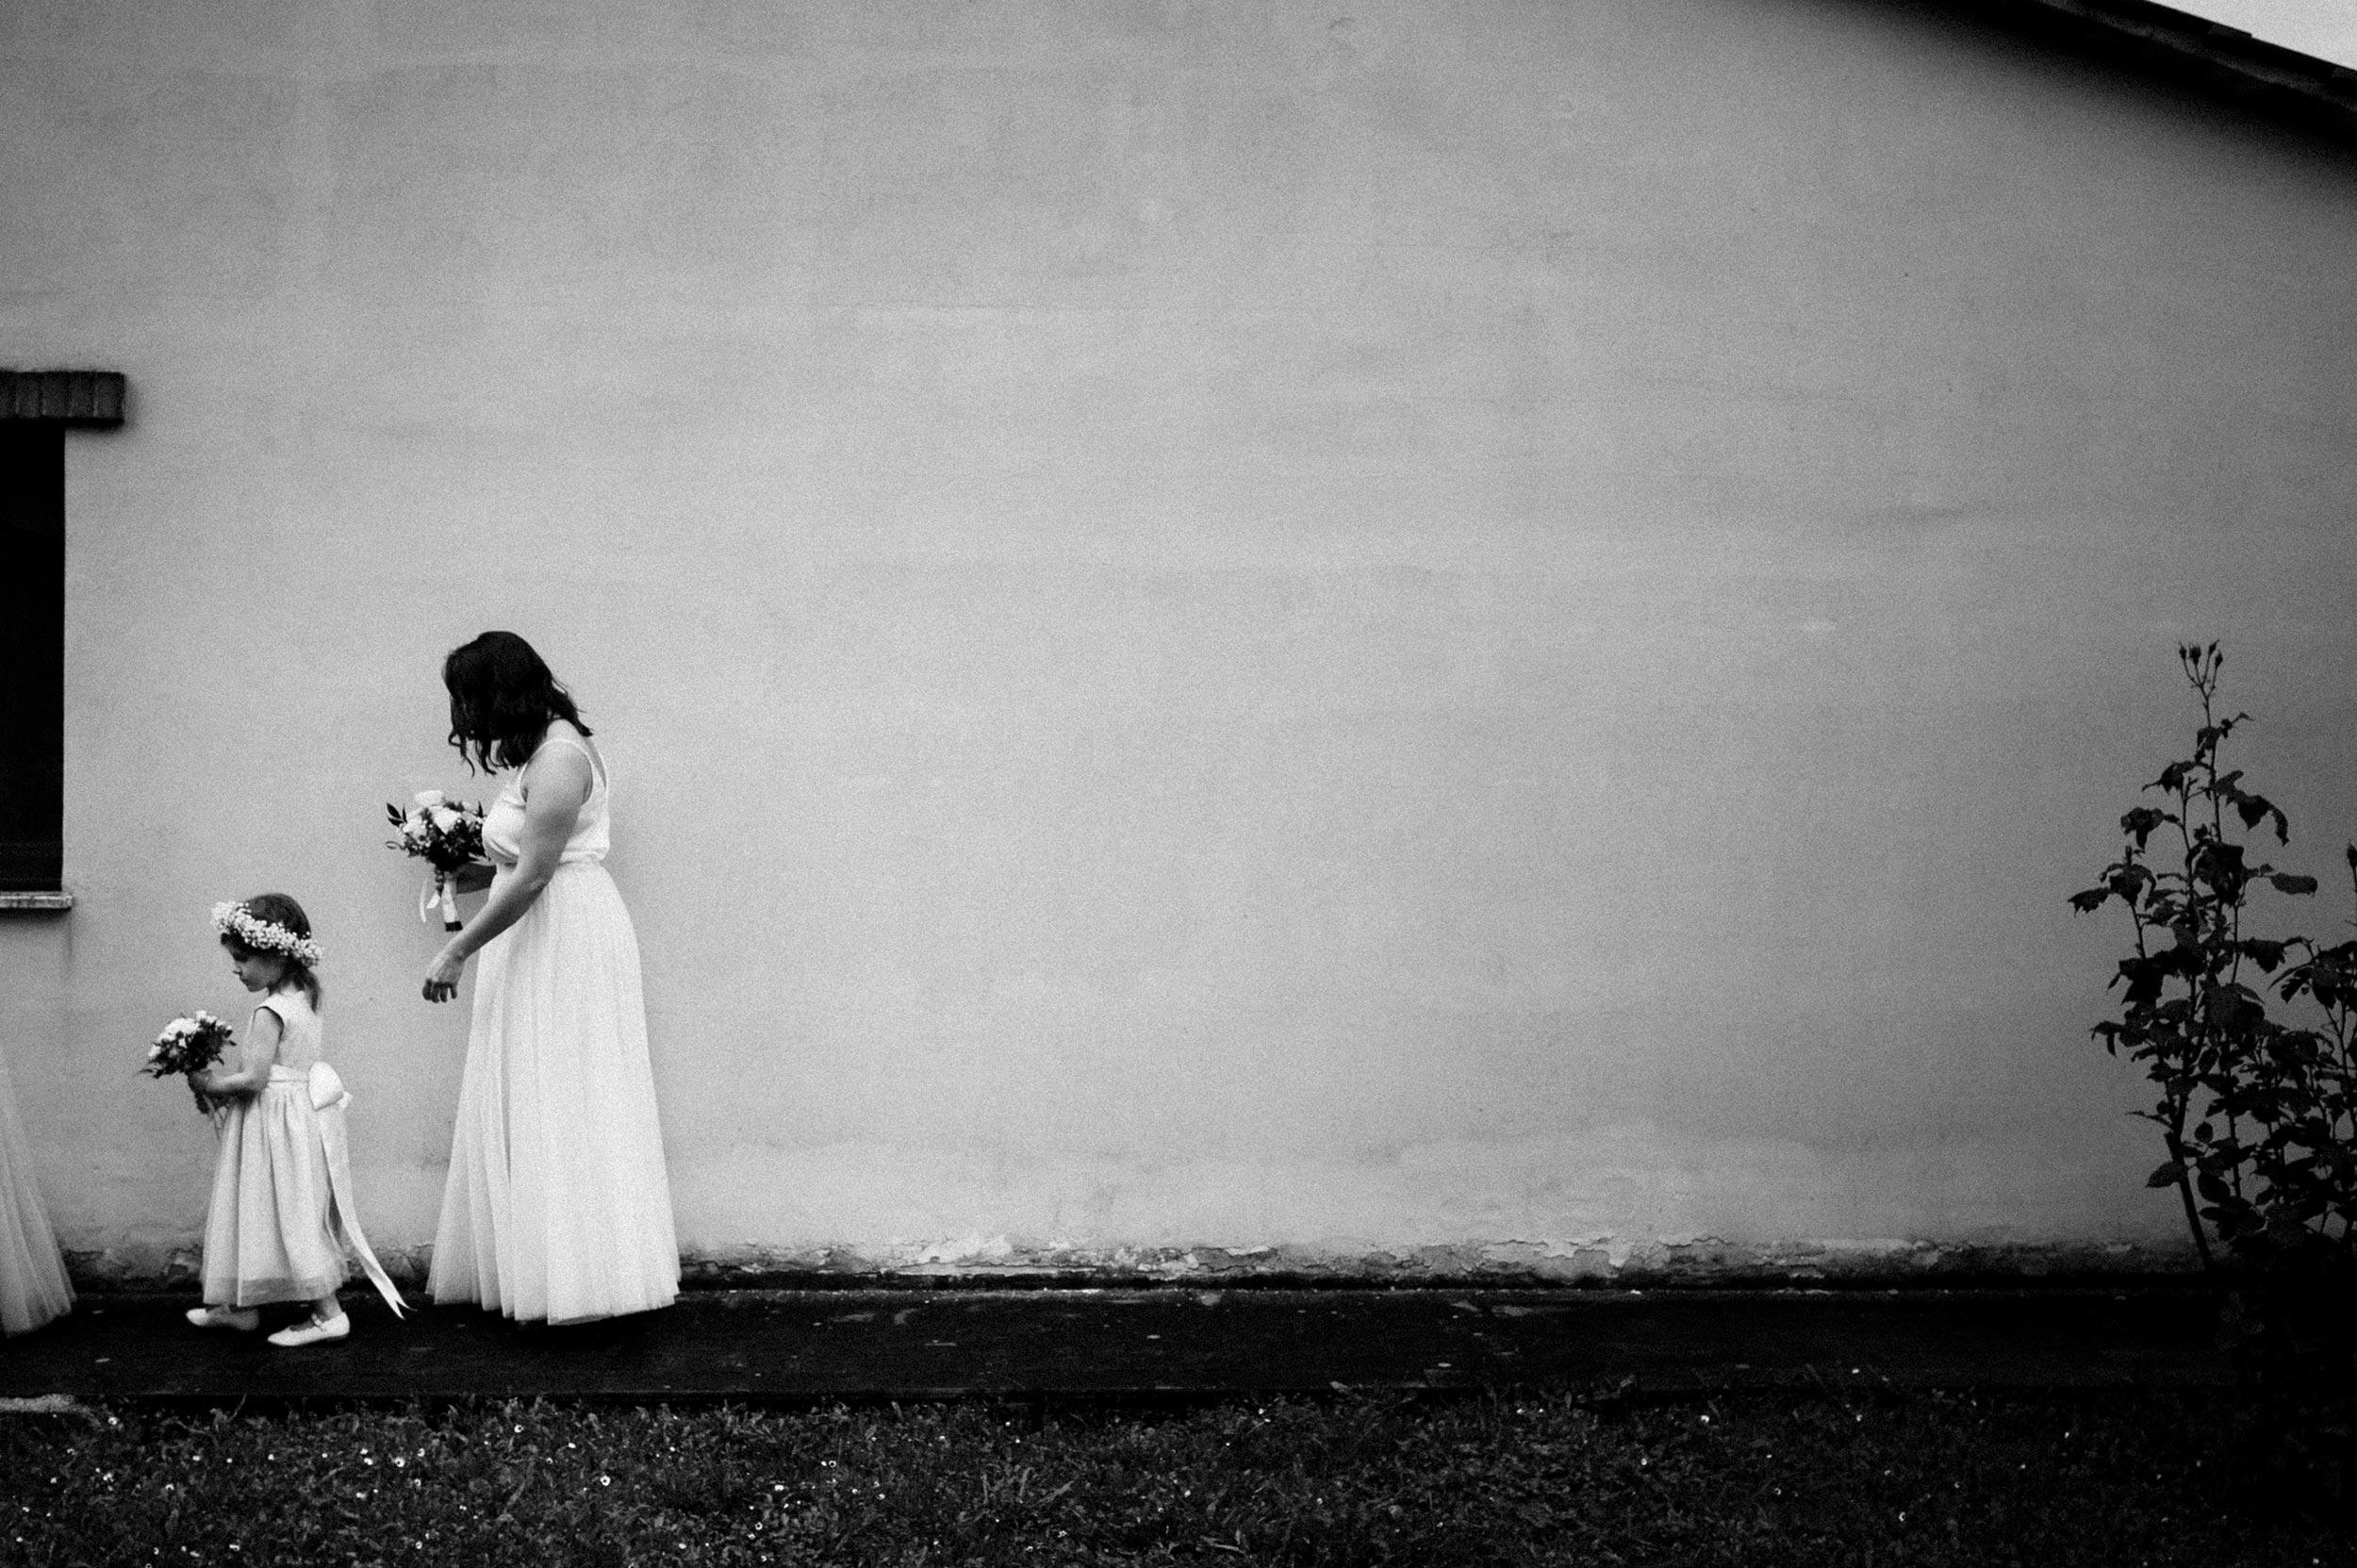 flower girl italy wedding photographer tuscany alessandro avenali candid wedding photography